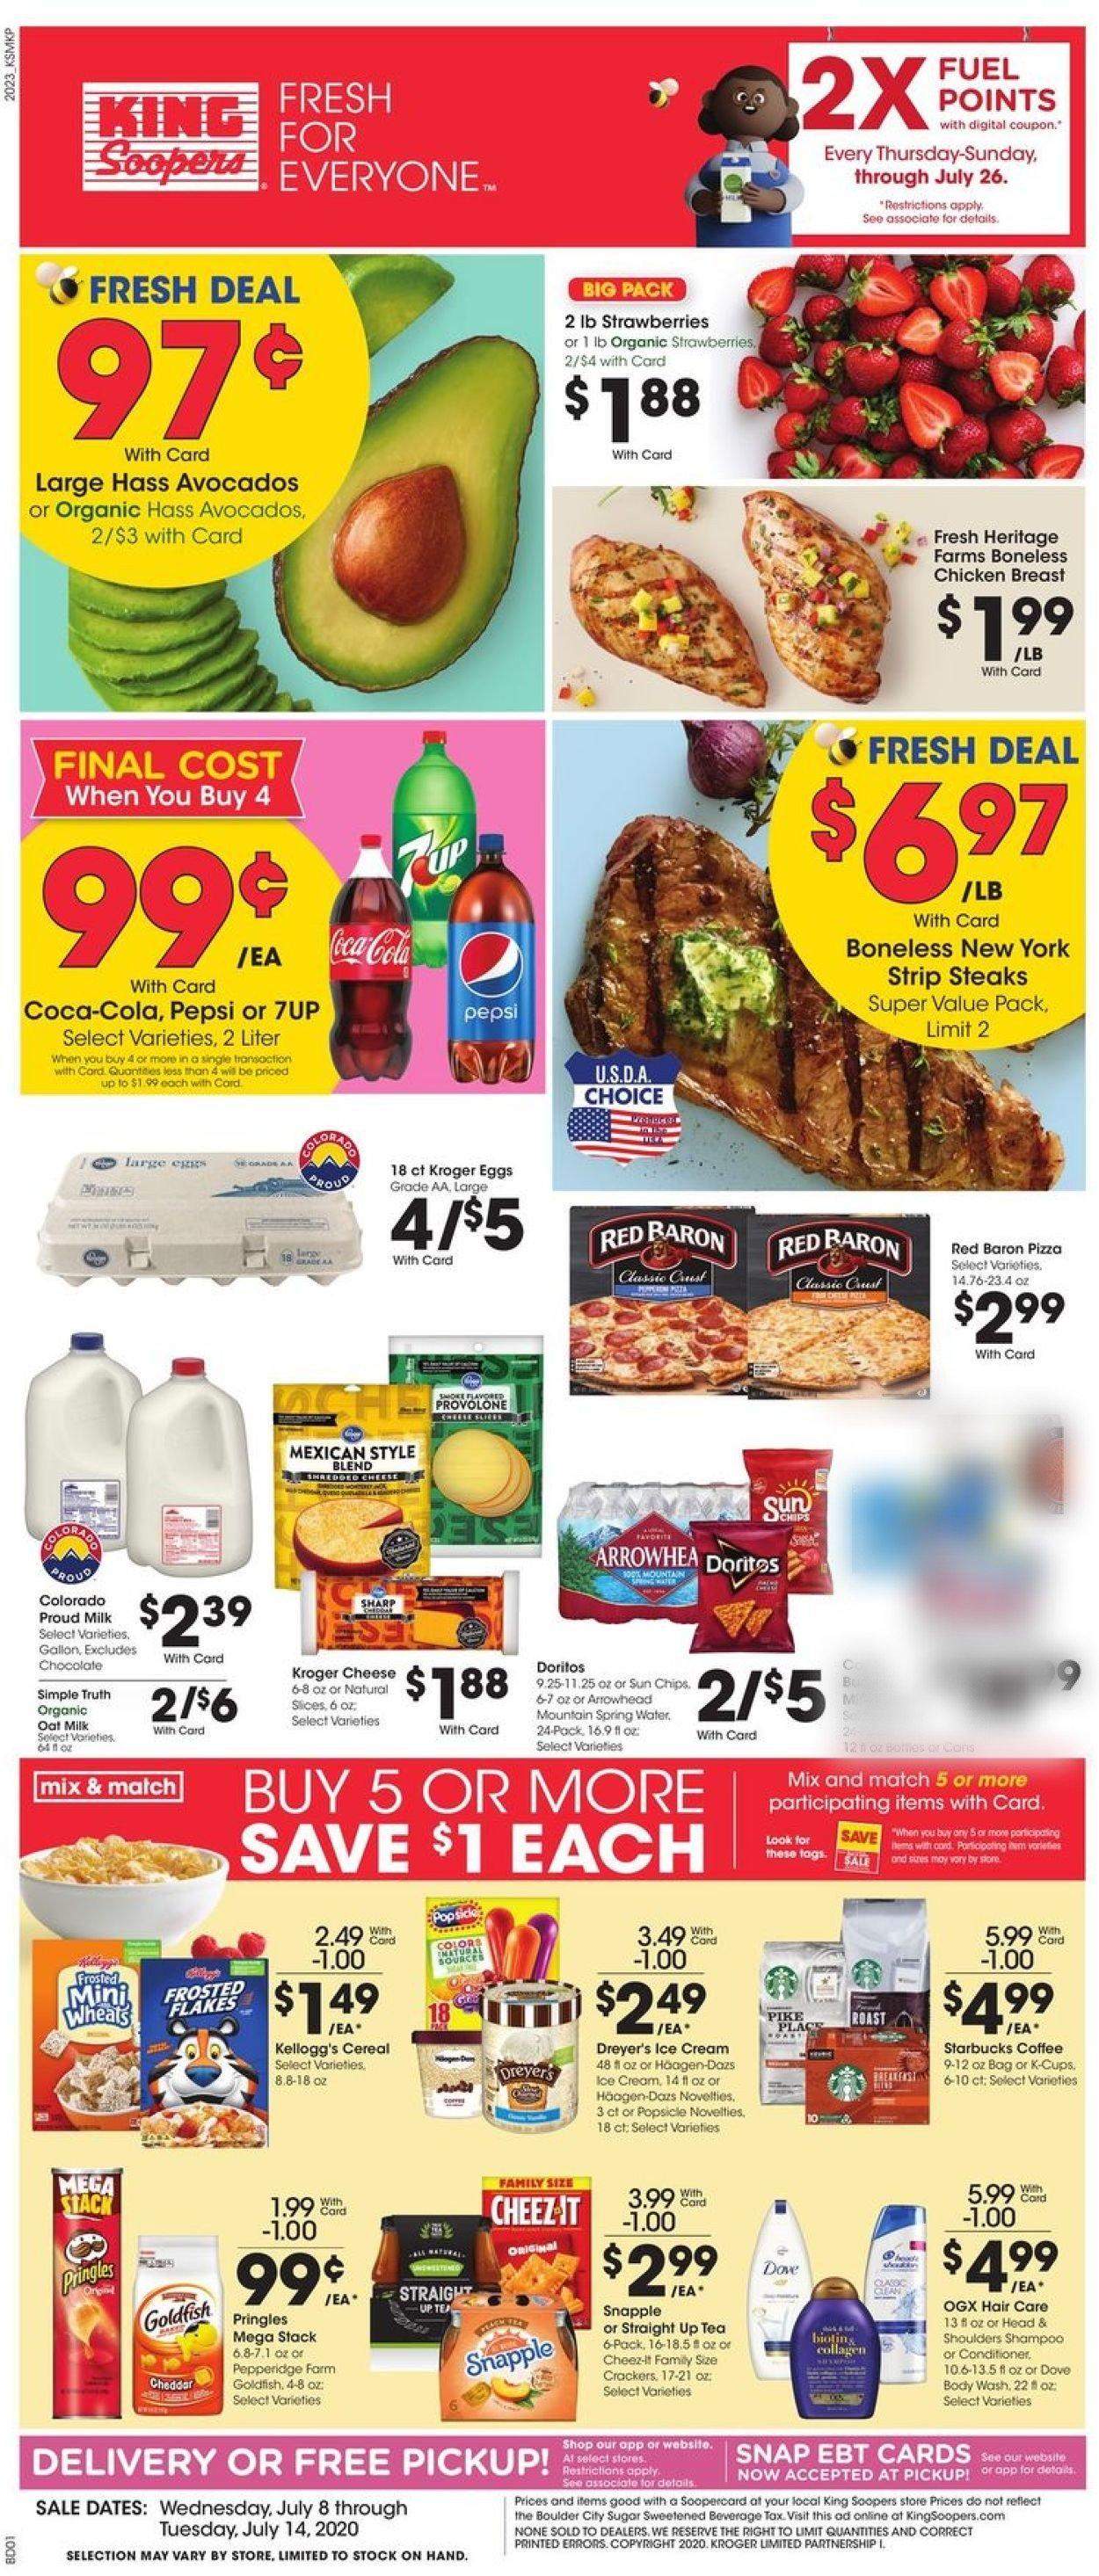 King Soopers Weekly Ad Circular - valid 07/08-07/14/2020